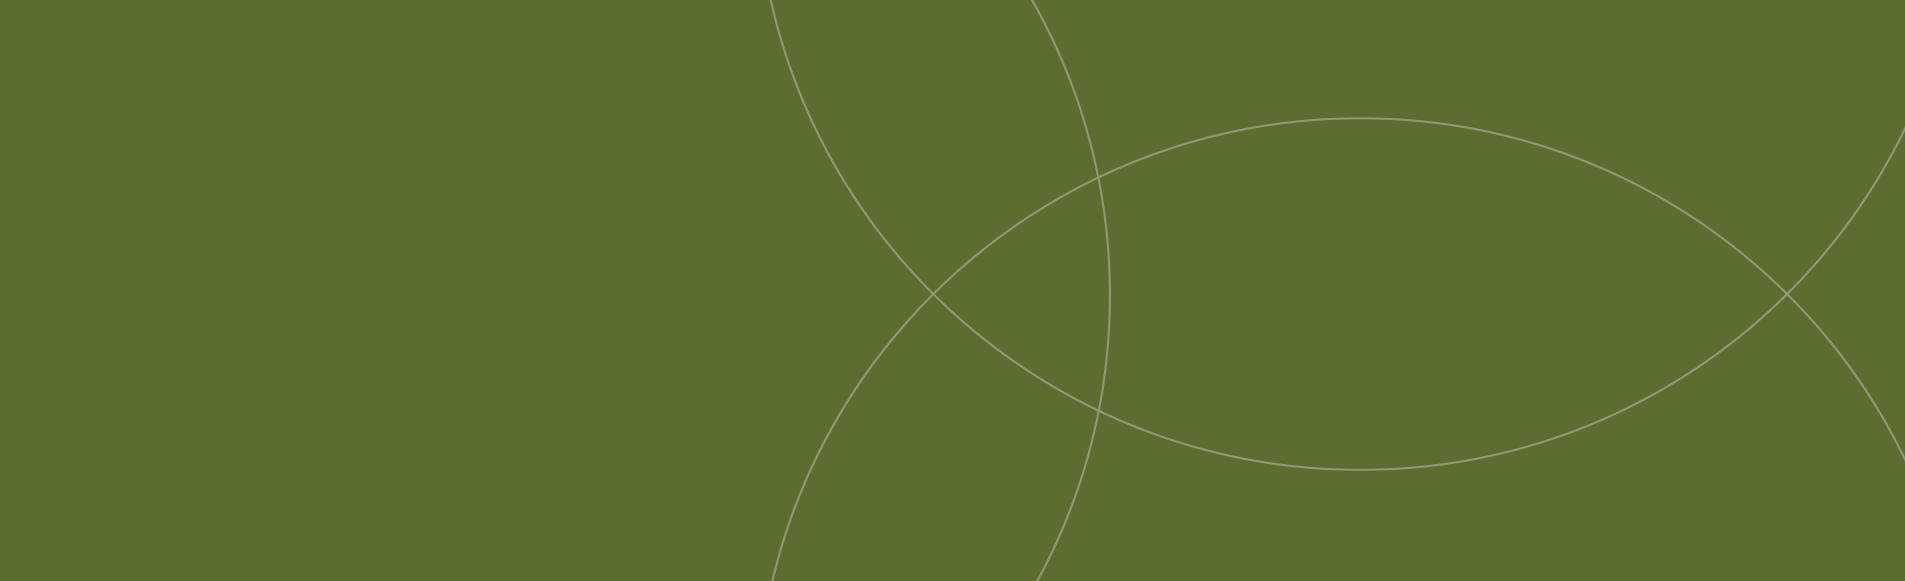 Immagini_Area_Formazione